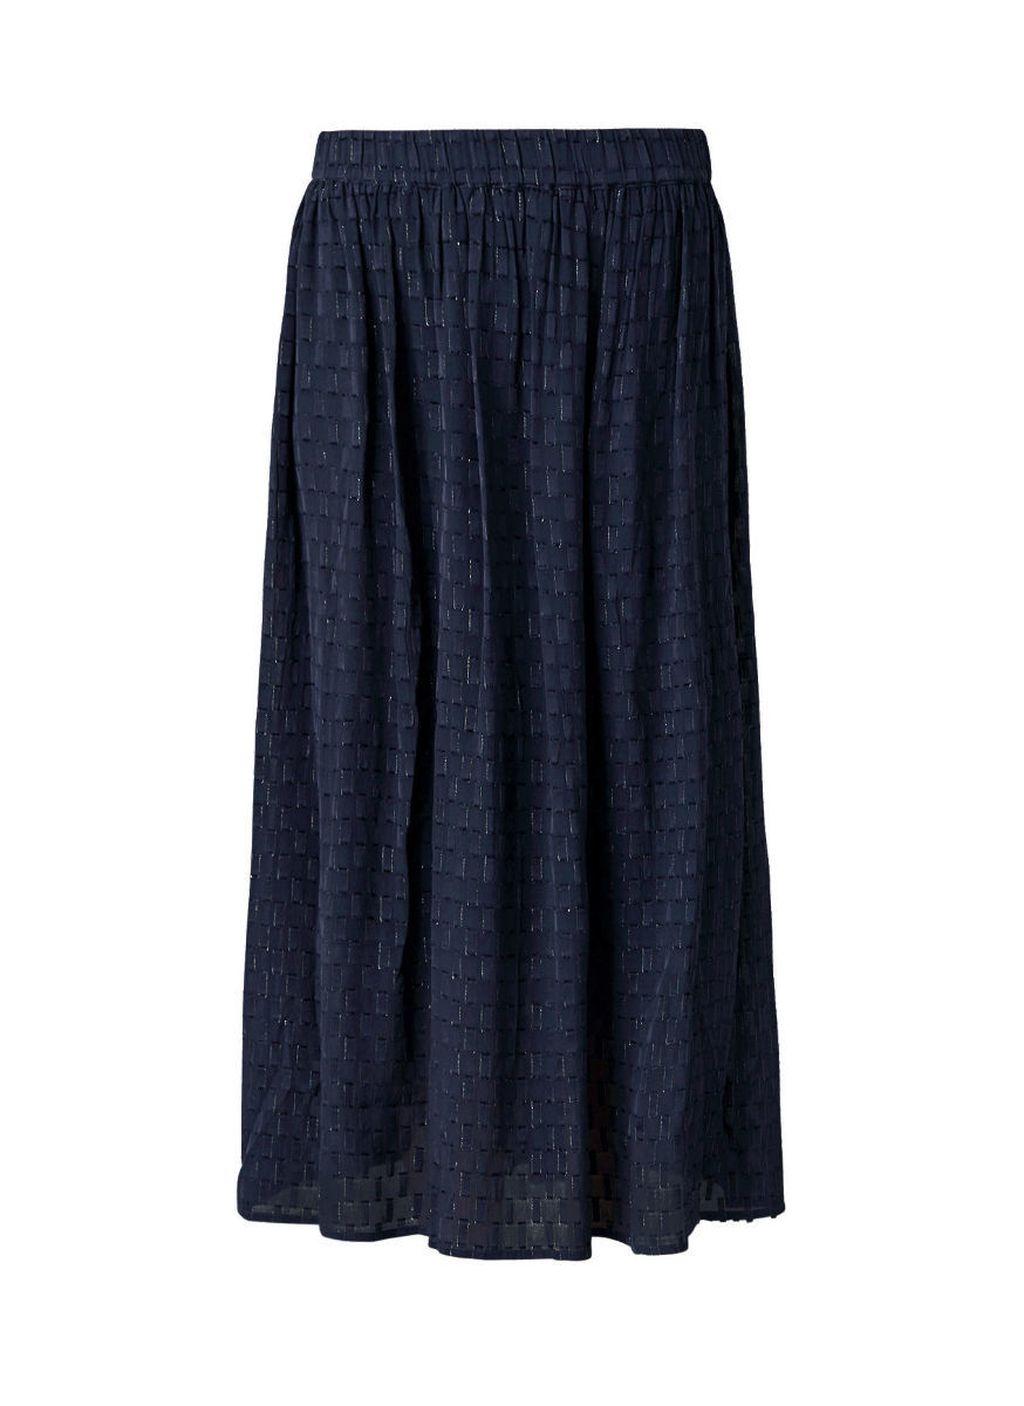 Suknje iz trgovina koje \'laskaju\' ženskoj figuri - 15